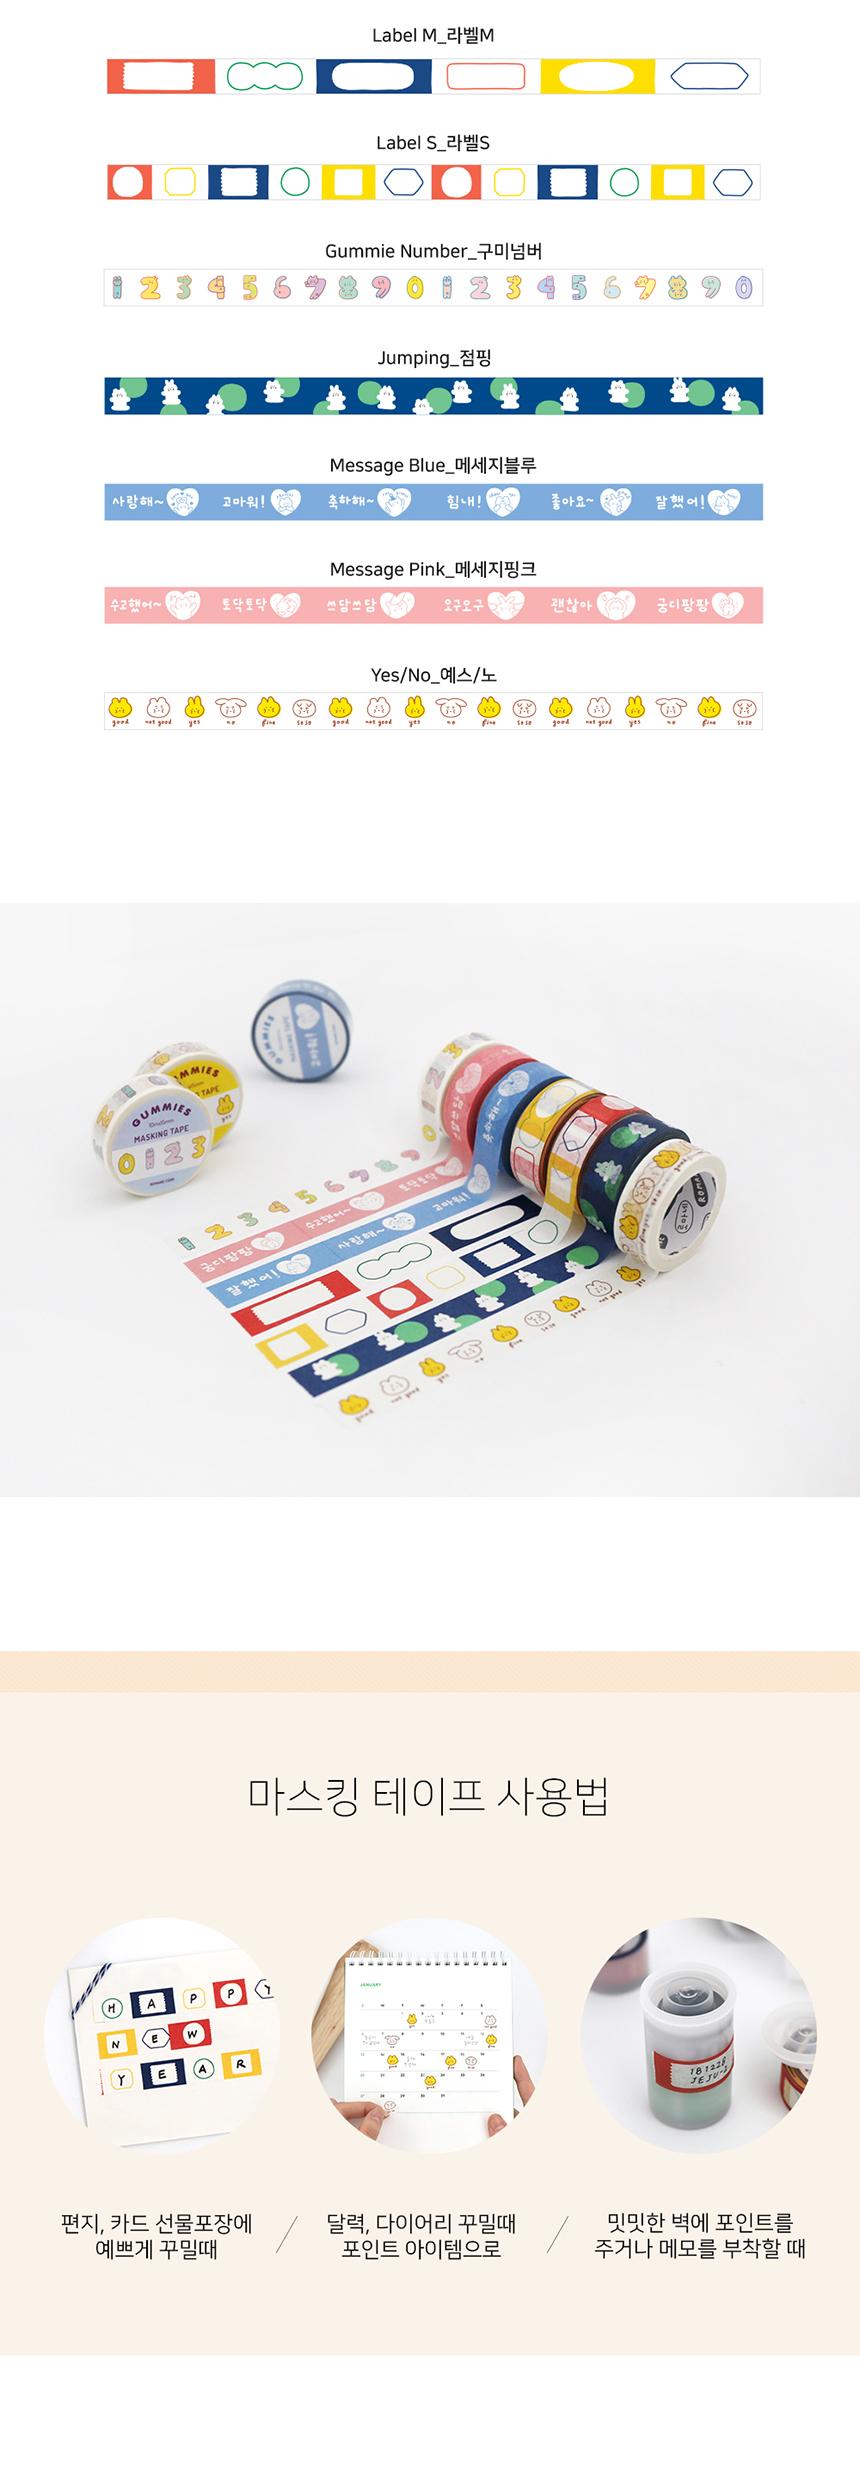 로마네 구미즈 마스킹 테이프 - 베리샵, 2,000원, 마스킹 테이프, 종이 마스킹테이프